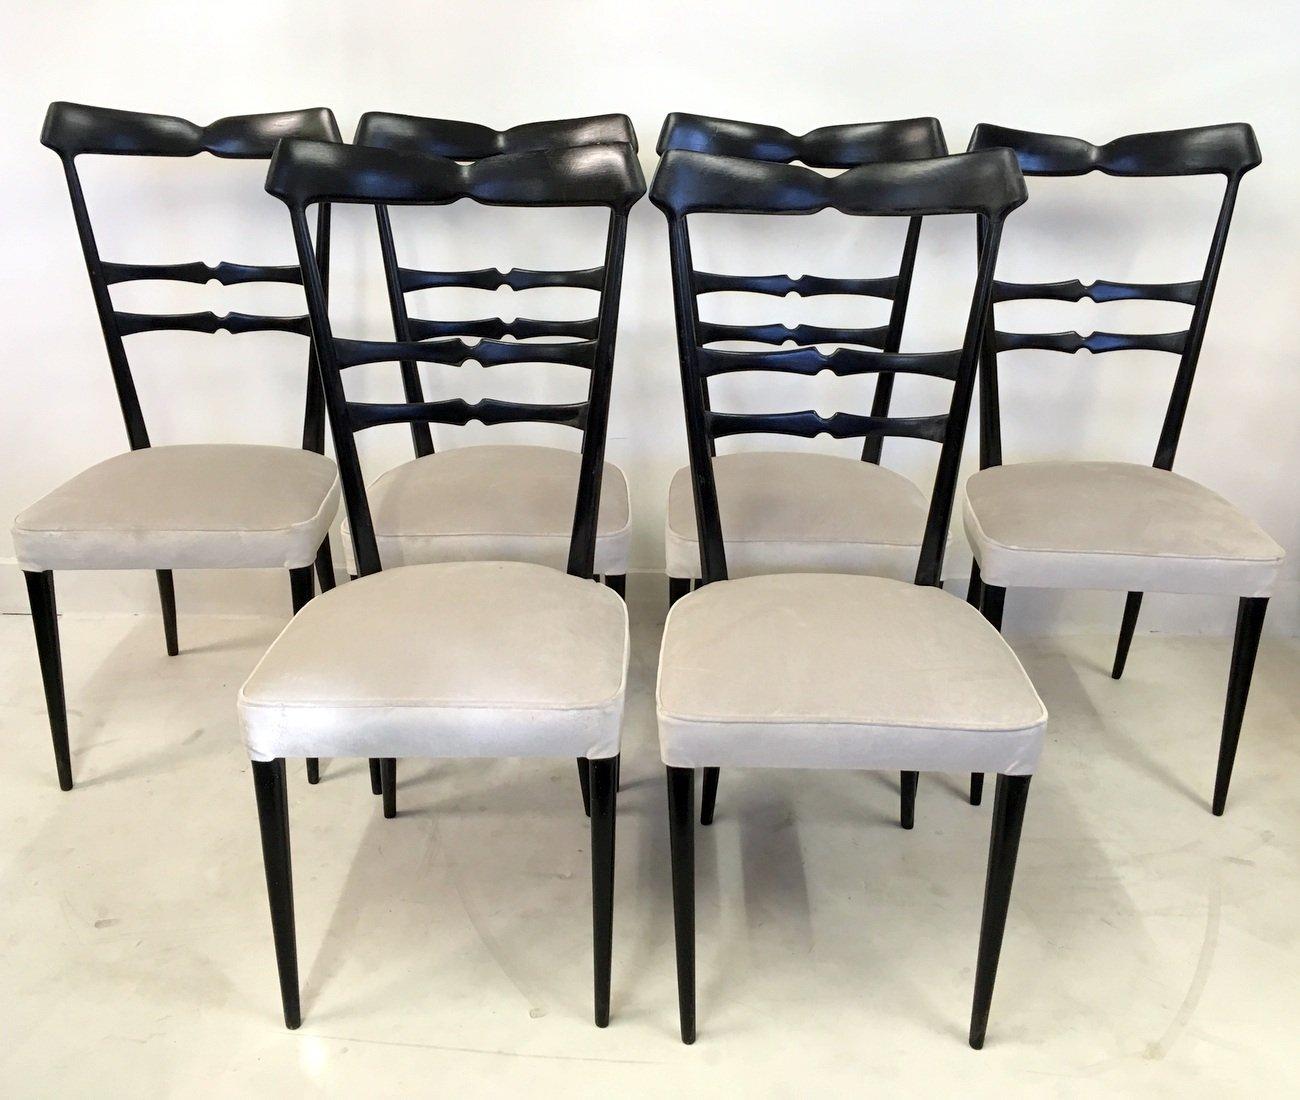 italienische ebonisierte vintage esszimmerst hle 6er set. Black Bedroom Furniture Sets. Home Design Ideas